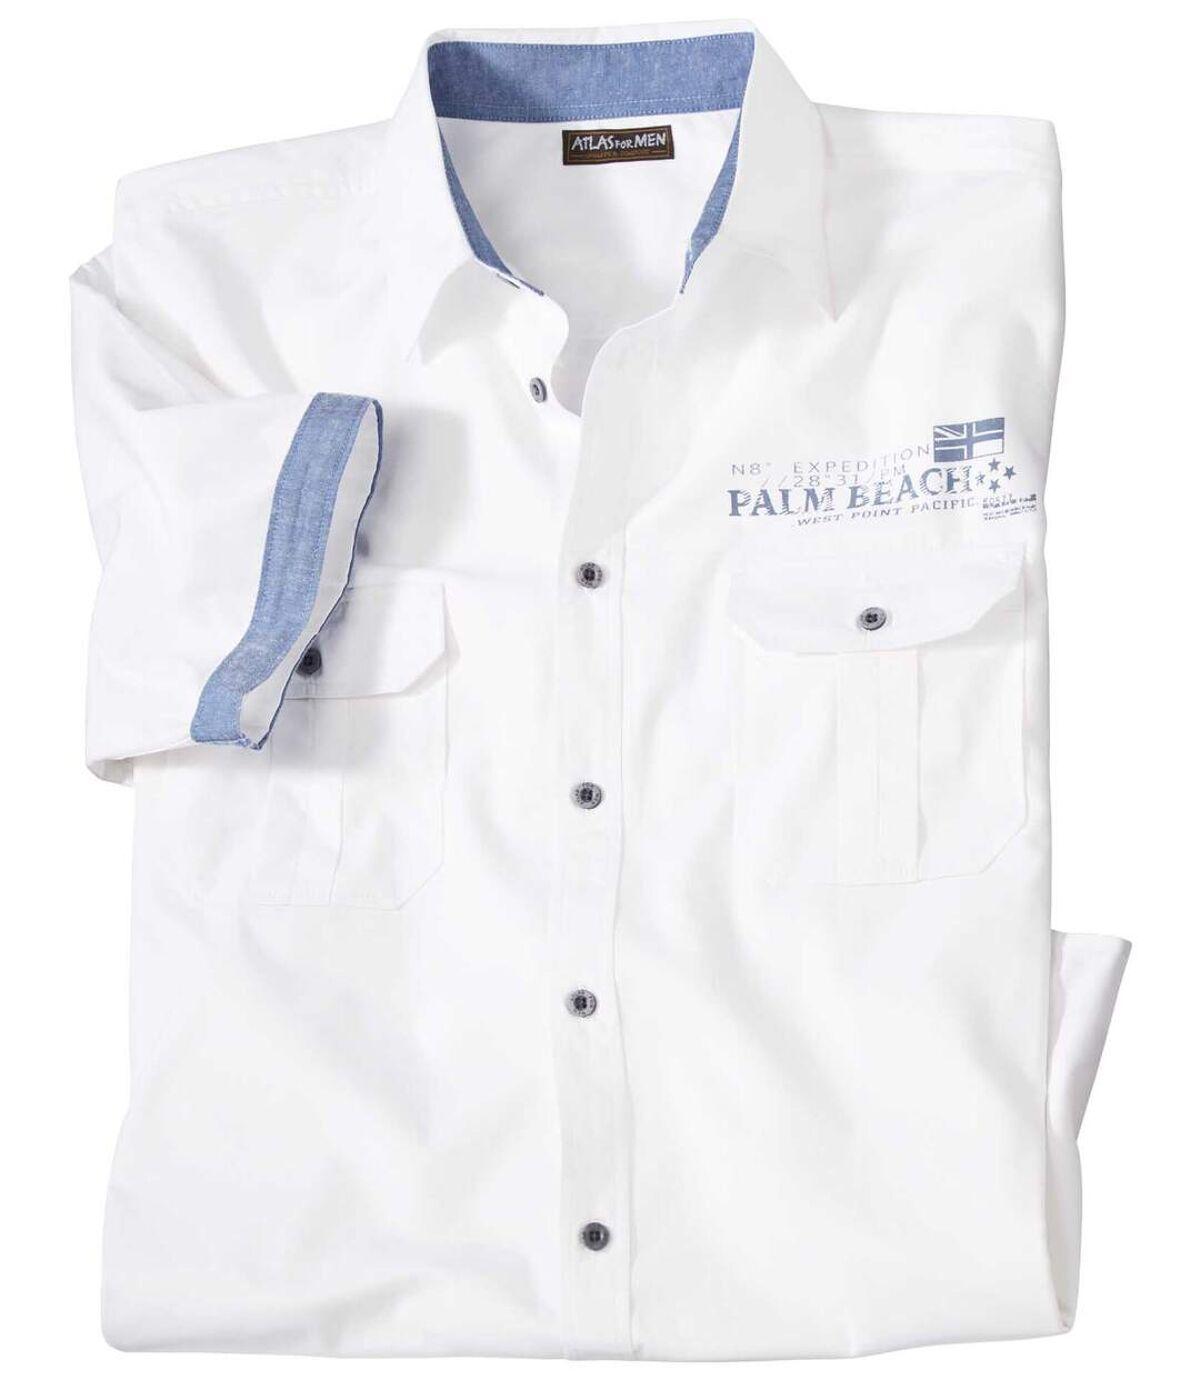 Popelínová košile Mykonos Atlas For Men